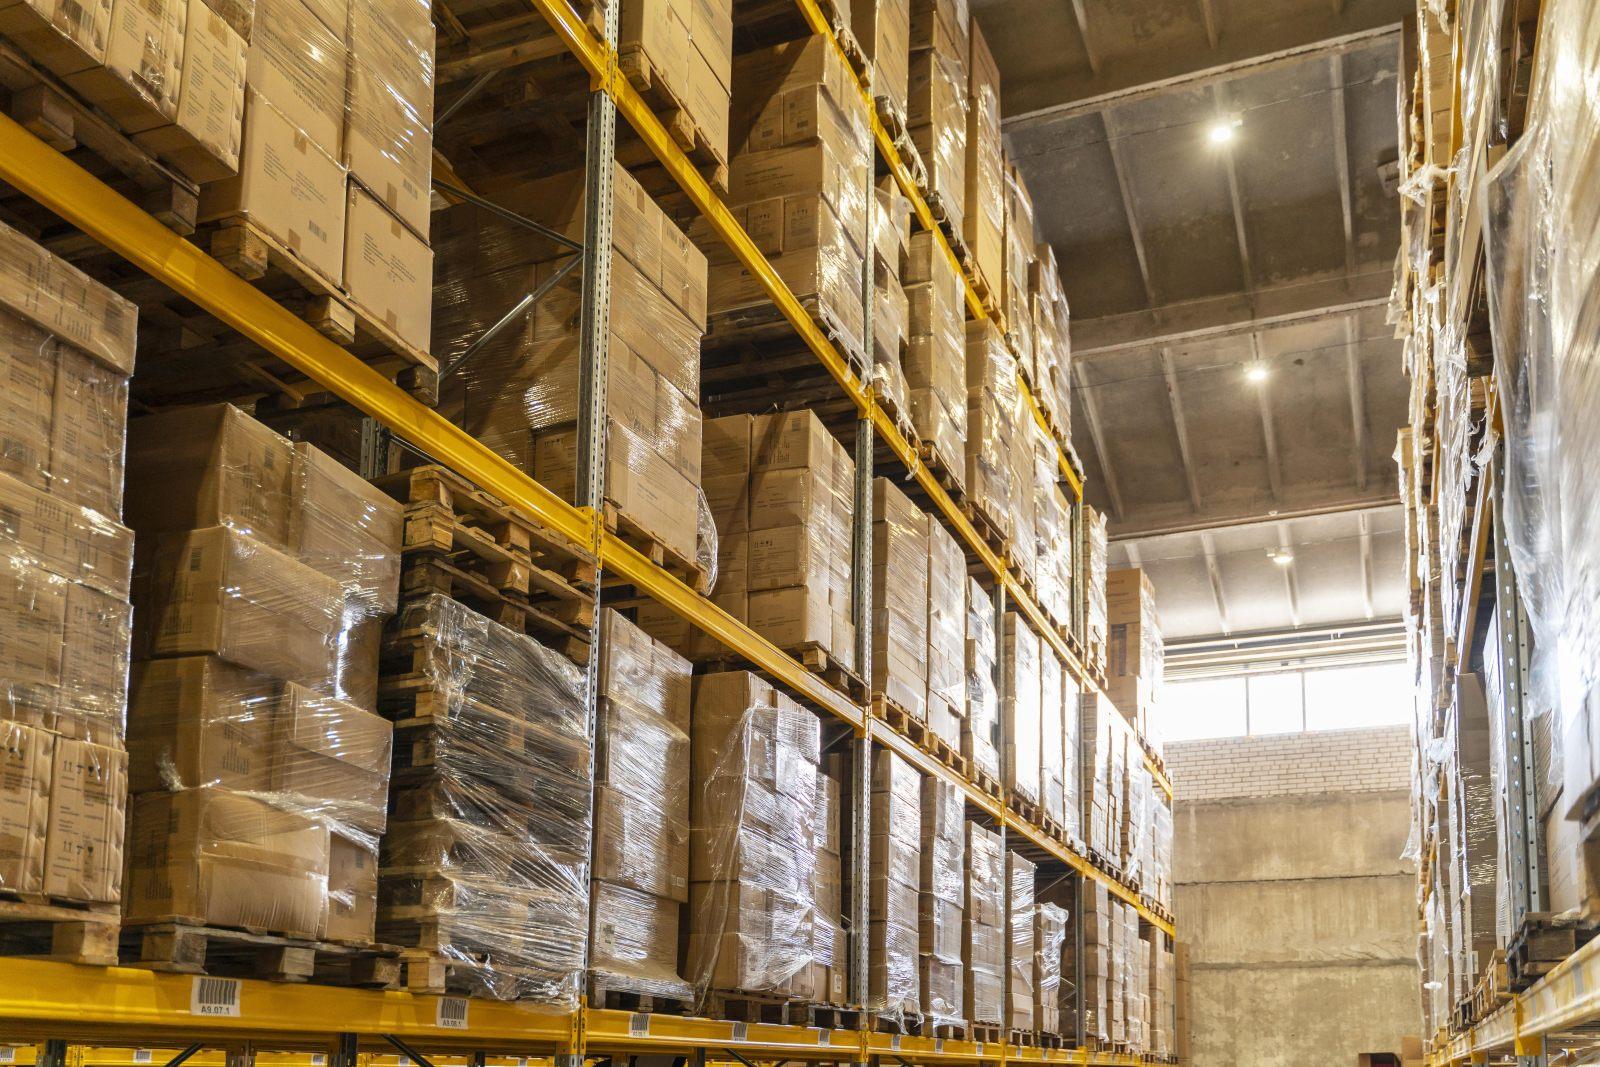 Kurtyny plandekowe skutecznie chronią przed uszkodzeniem towar w magazynie